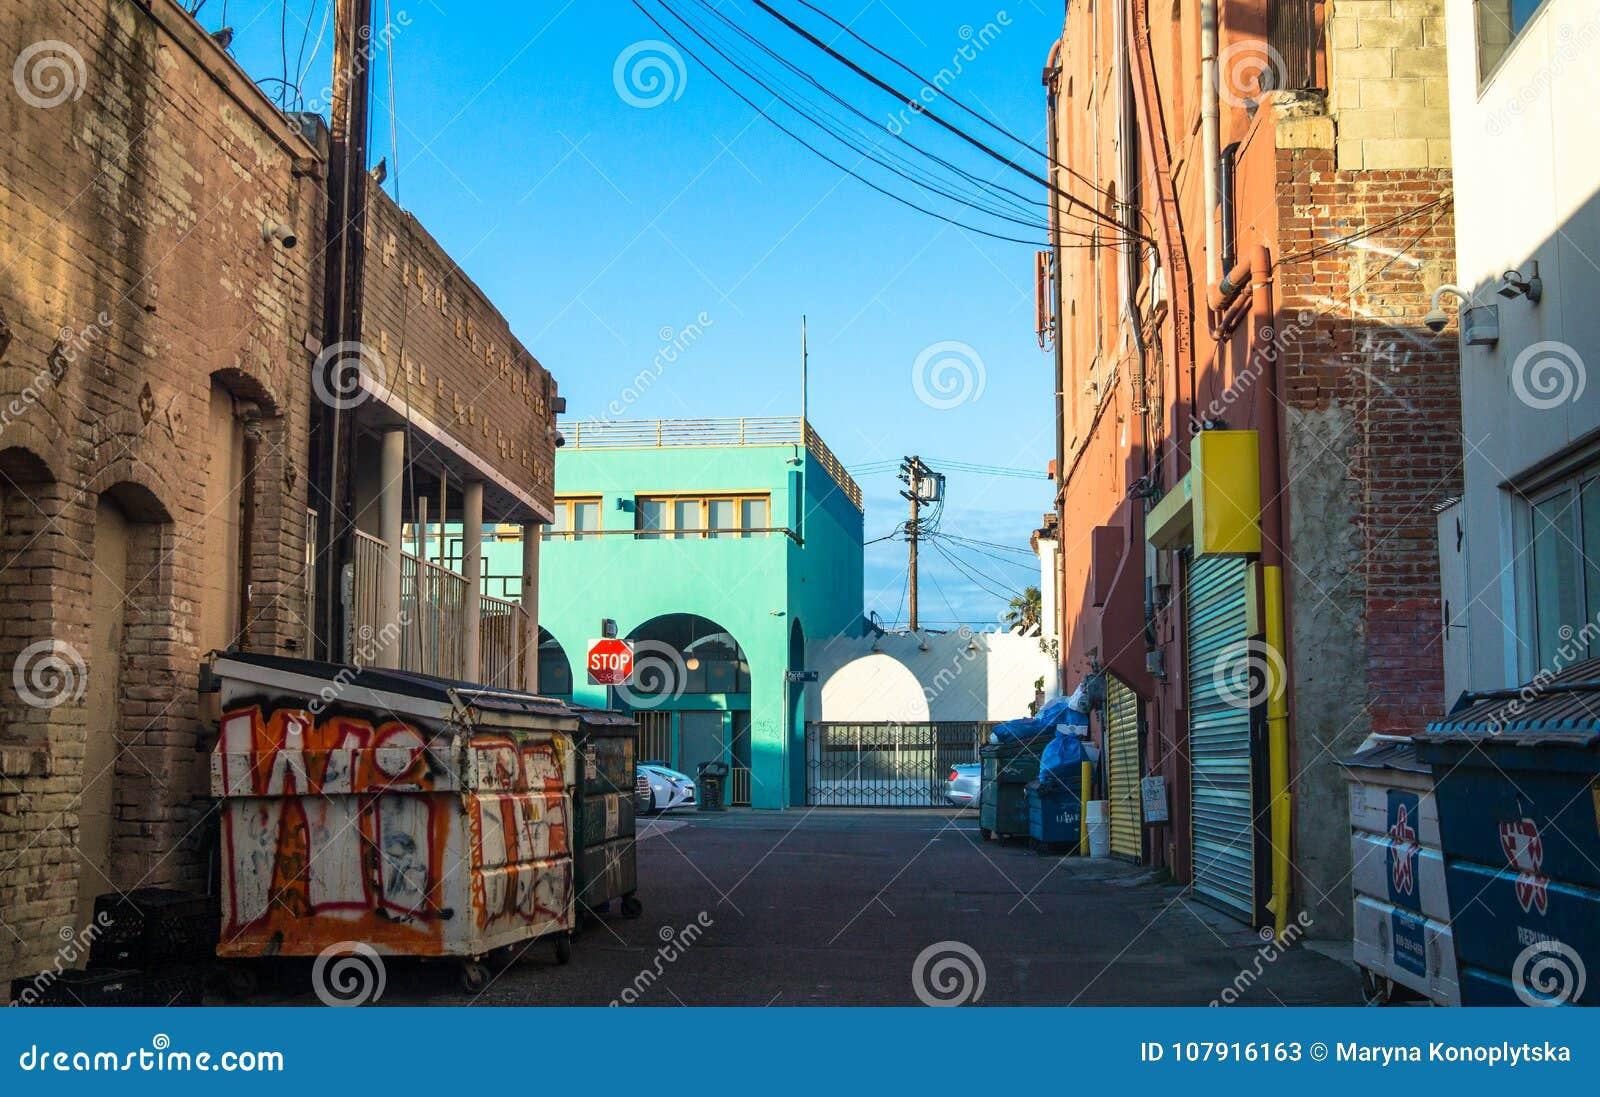 Achtertuin van de schilderachtige huizen op het Strand van Venetië Smalle straten en graffiti op huizen